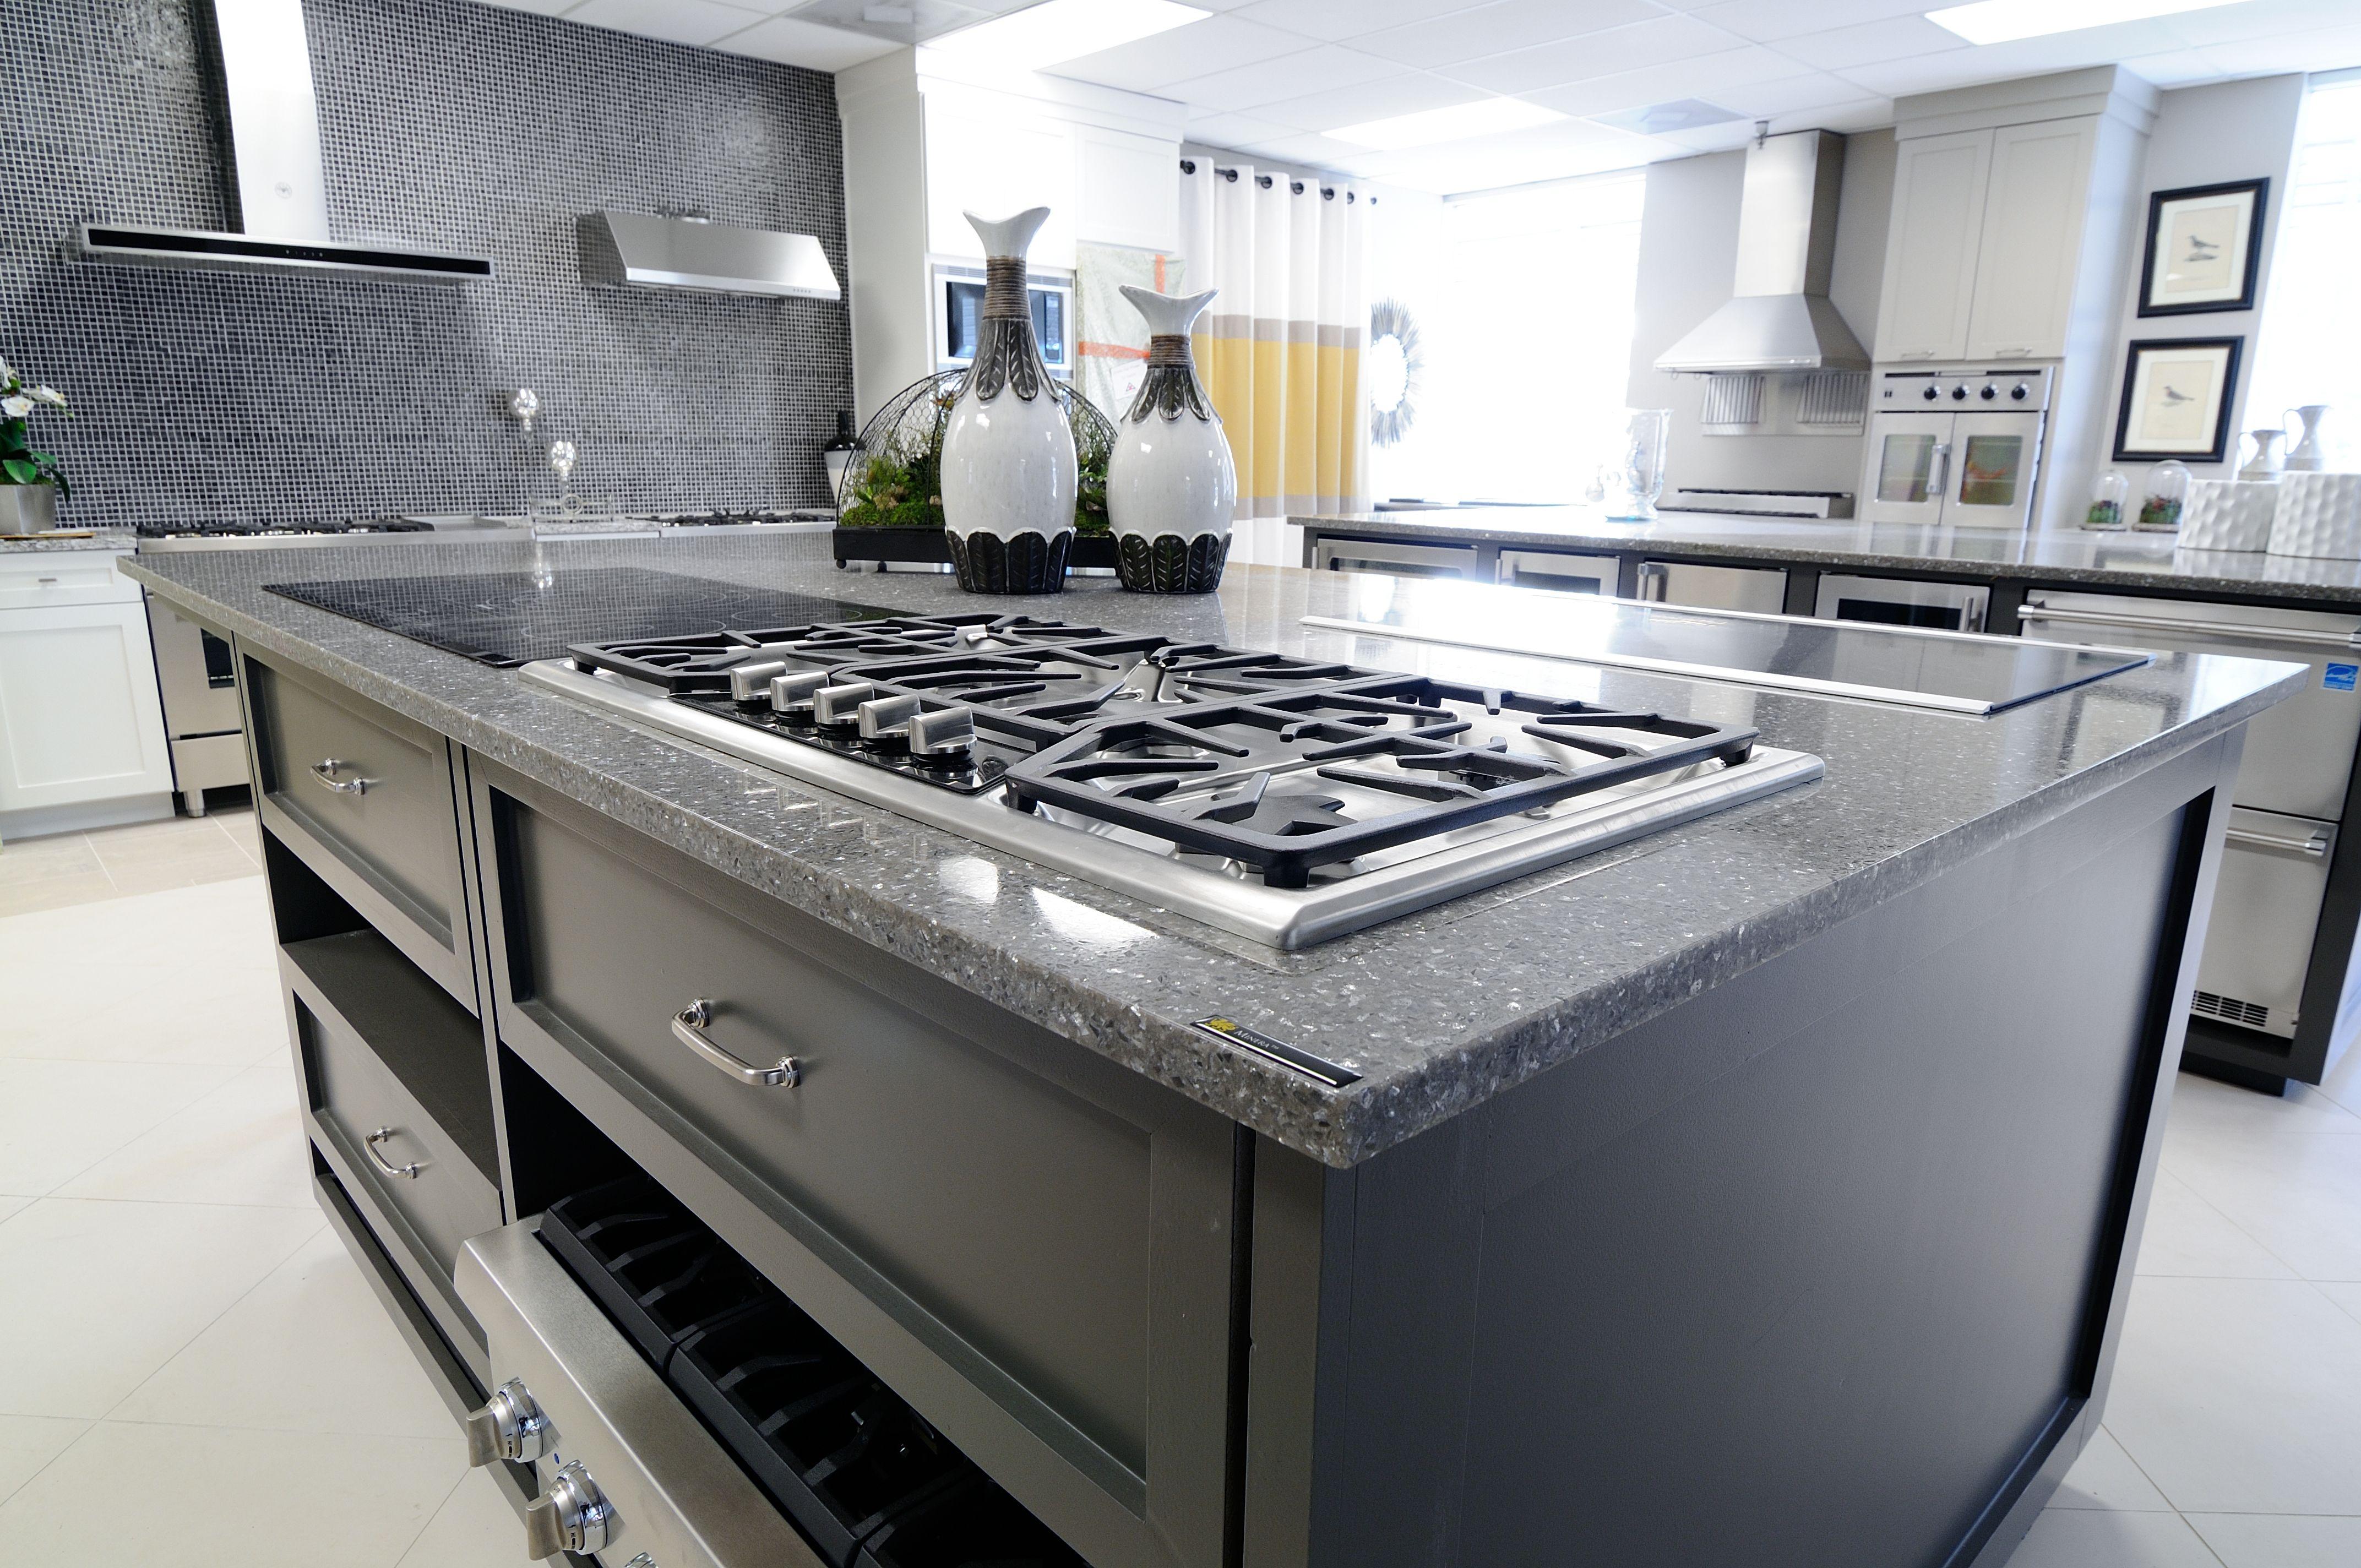 Cambria Minera kitchen countertop by Atlanta Kitchen in Noland ...